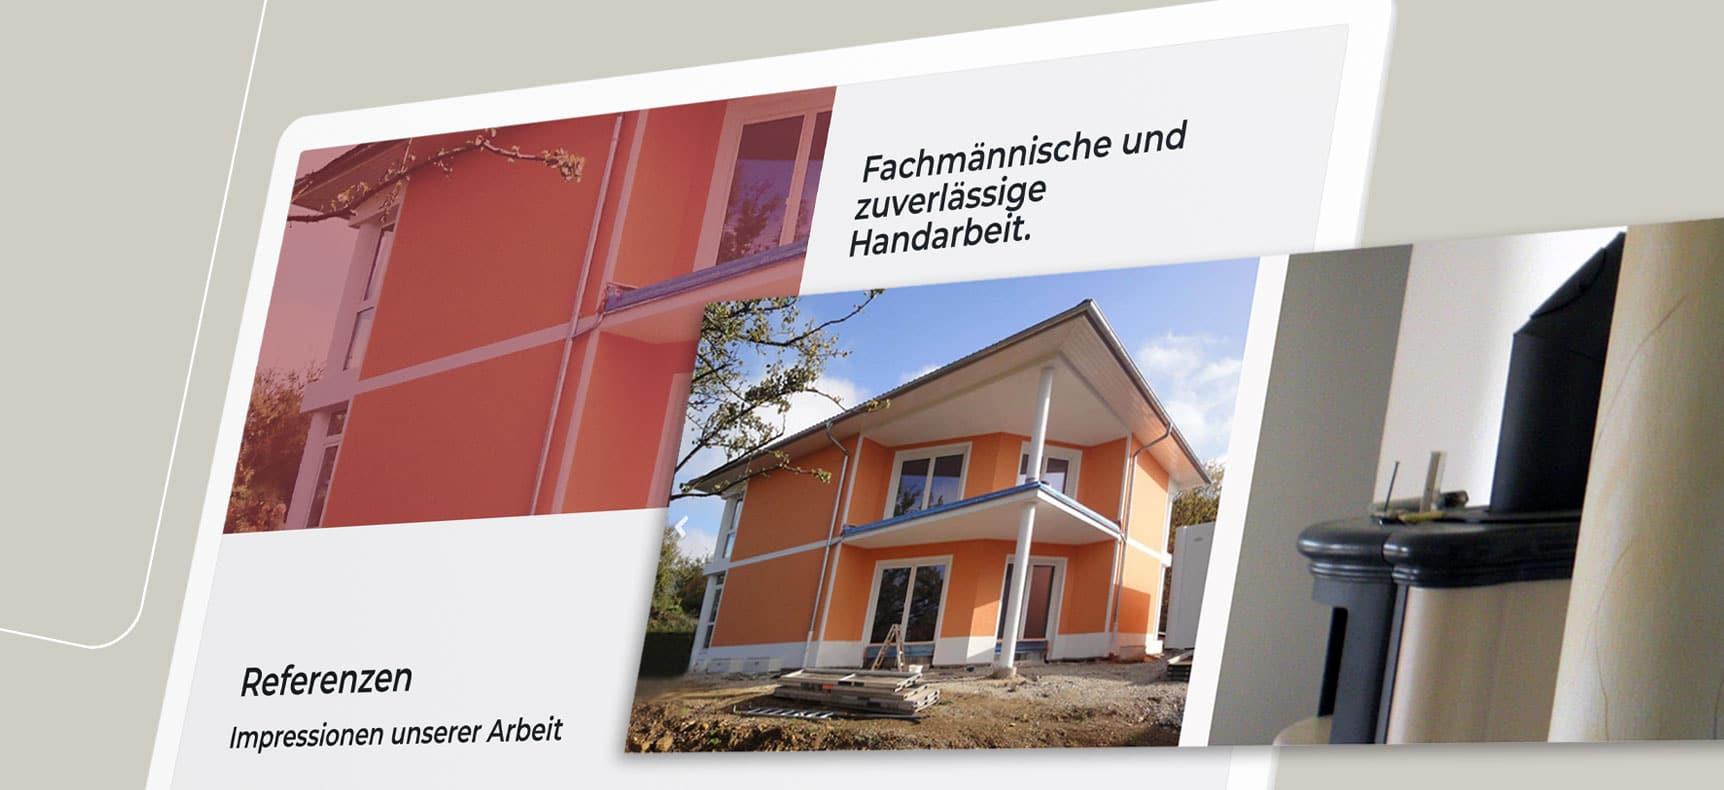 Malergeschäft Rauh & Naumann | Website erstellt von StatusZwo.com